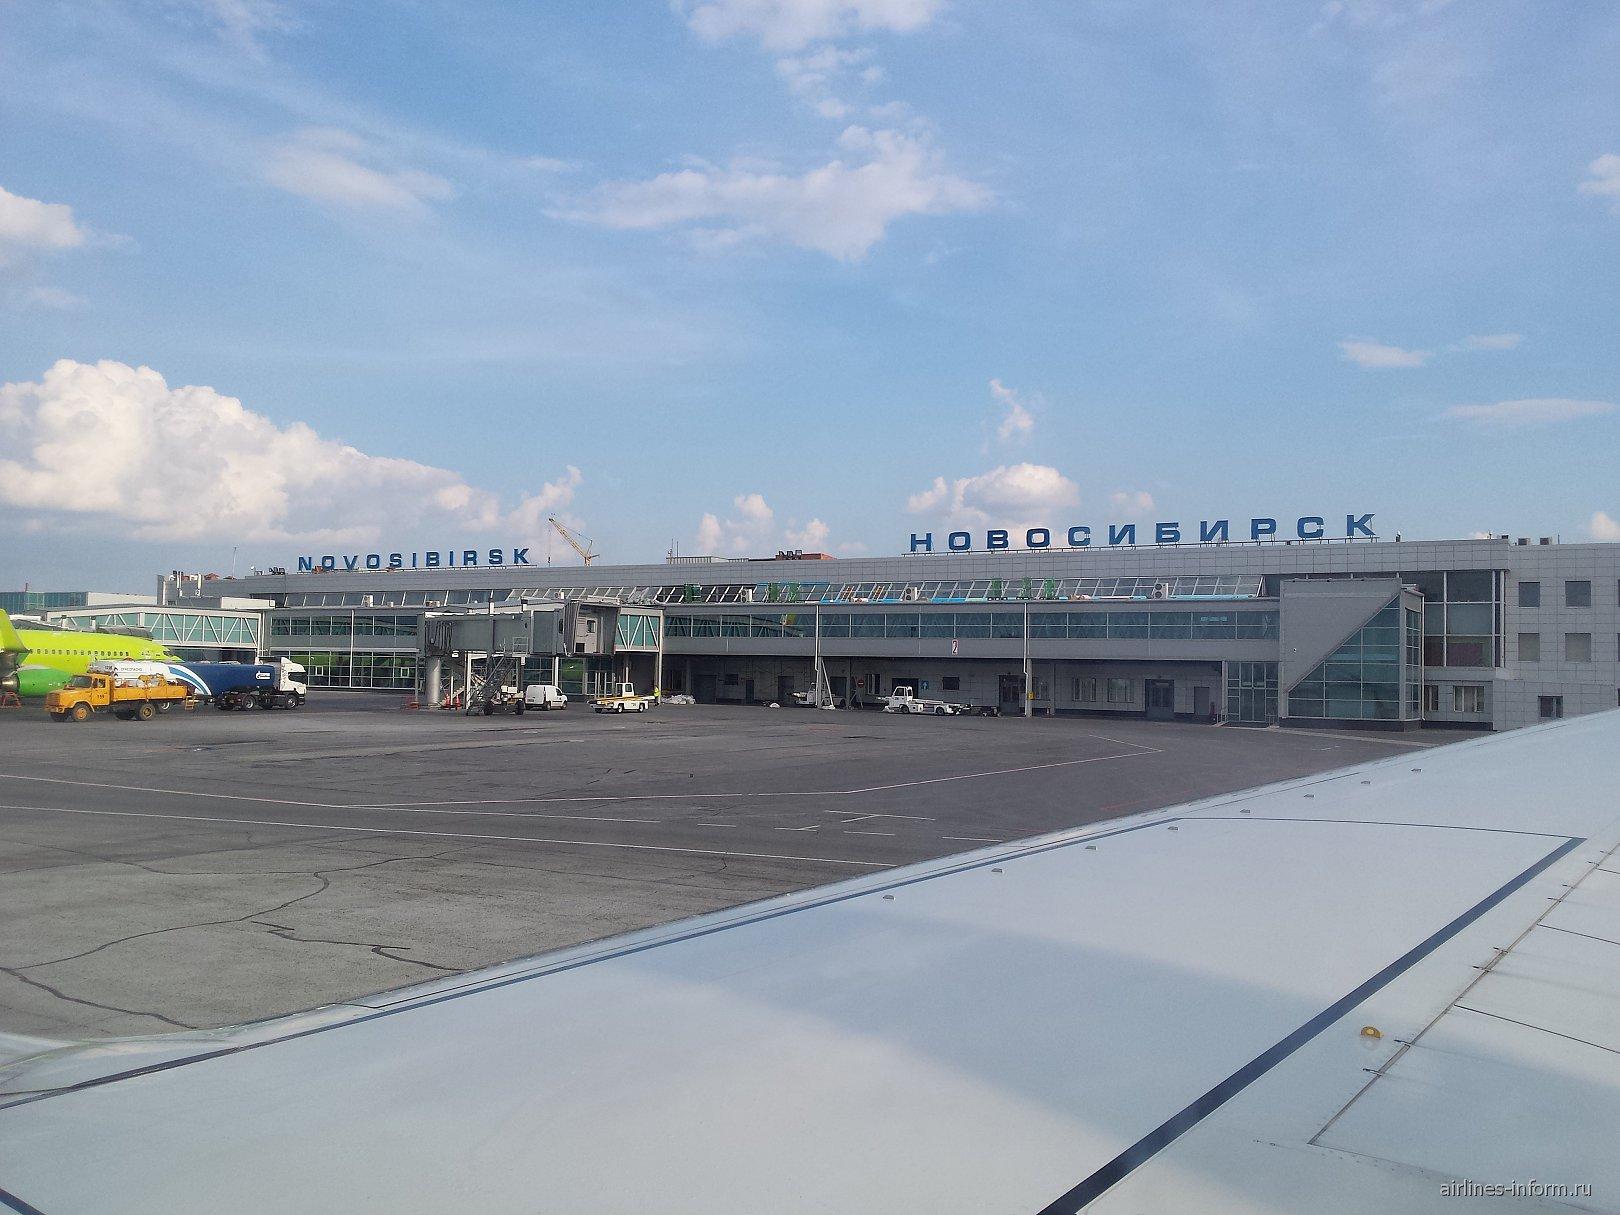 Терминал внутренних линий аэропорта Новосибирск Толмачево